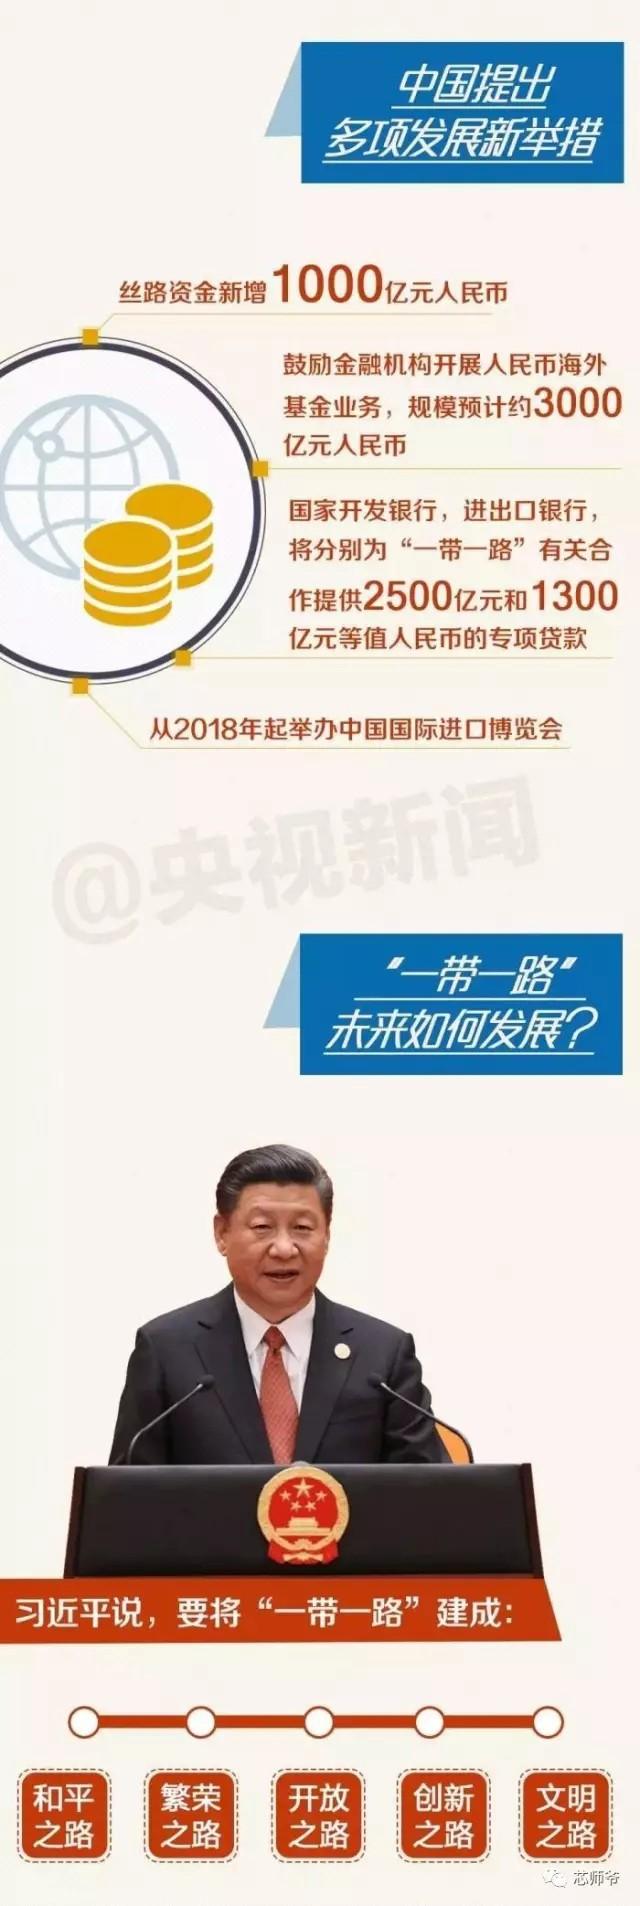 """护航""""一带一路""""峰会 新晋网红4G芯片""""天眼""""为什么那么牛"""